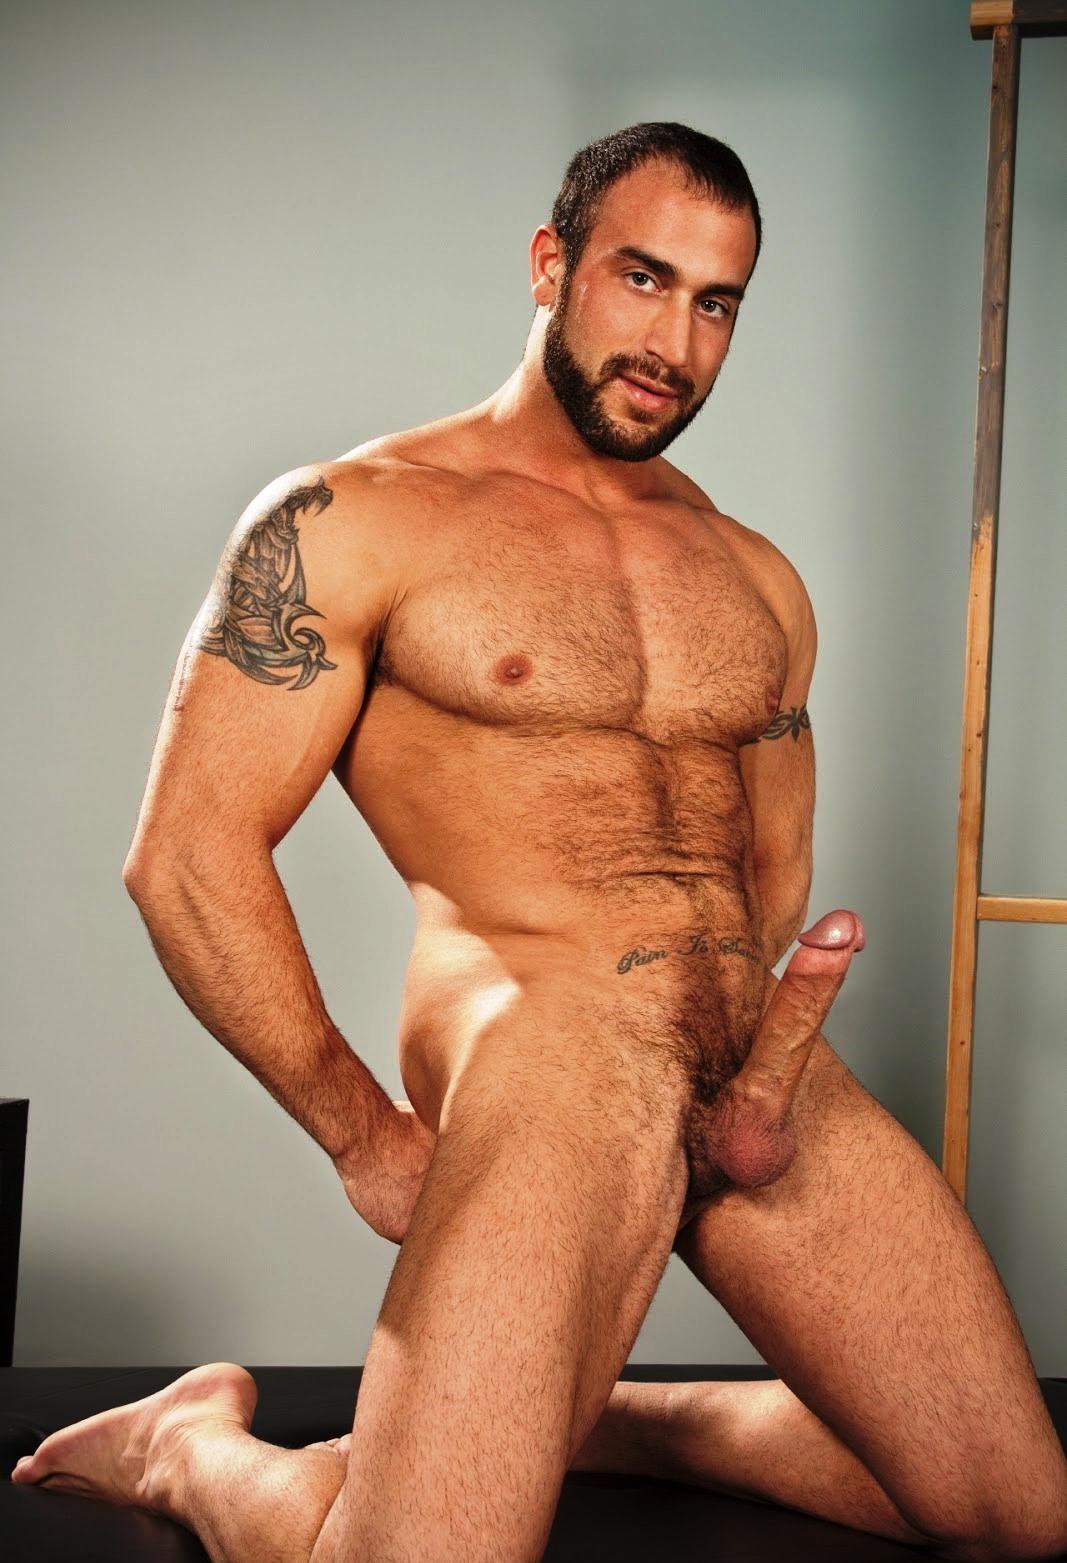 http://3.bp.blogspot.com/-BUUf8M4Vpcs/UXi7OtNdC1I/AAAAAAABBBE/aqyu4h7IBgI/s1600/hard+Spencer+Reed+005.jpg